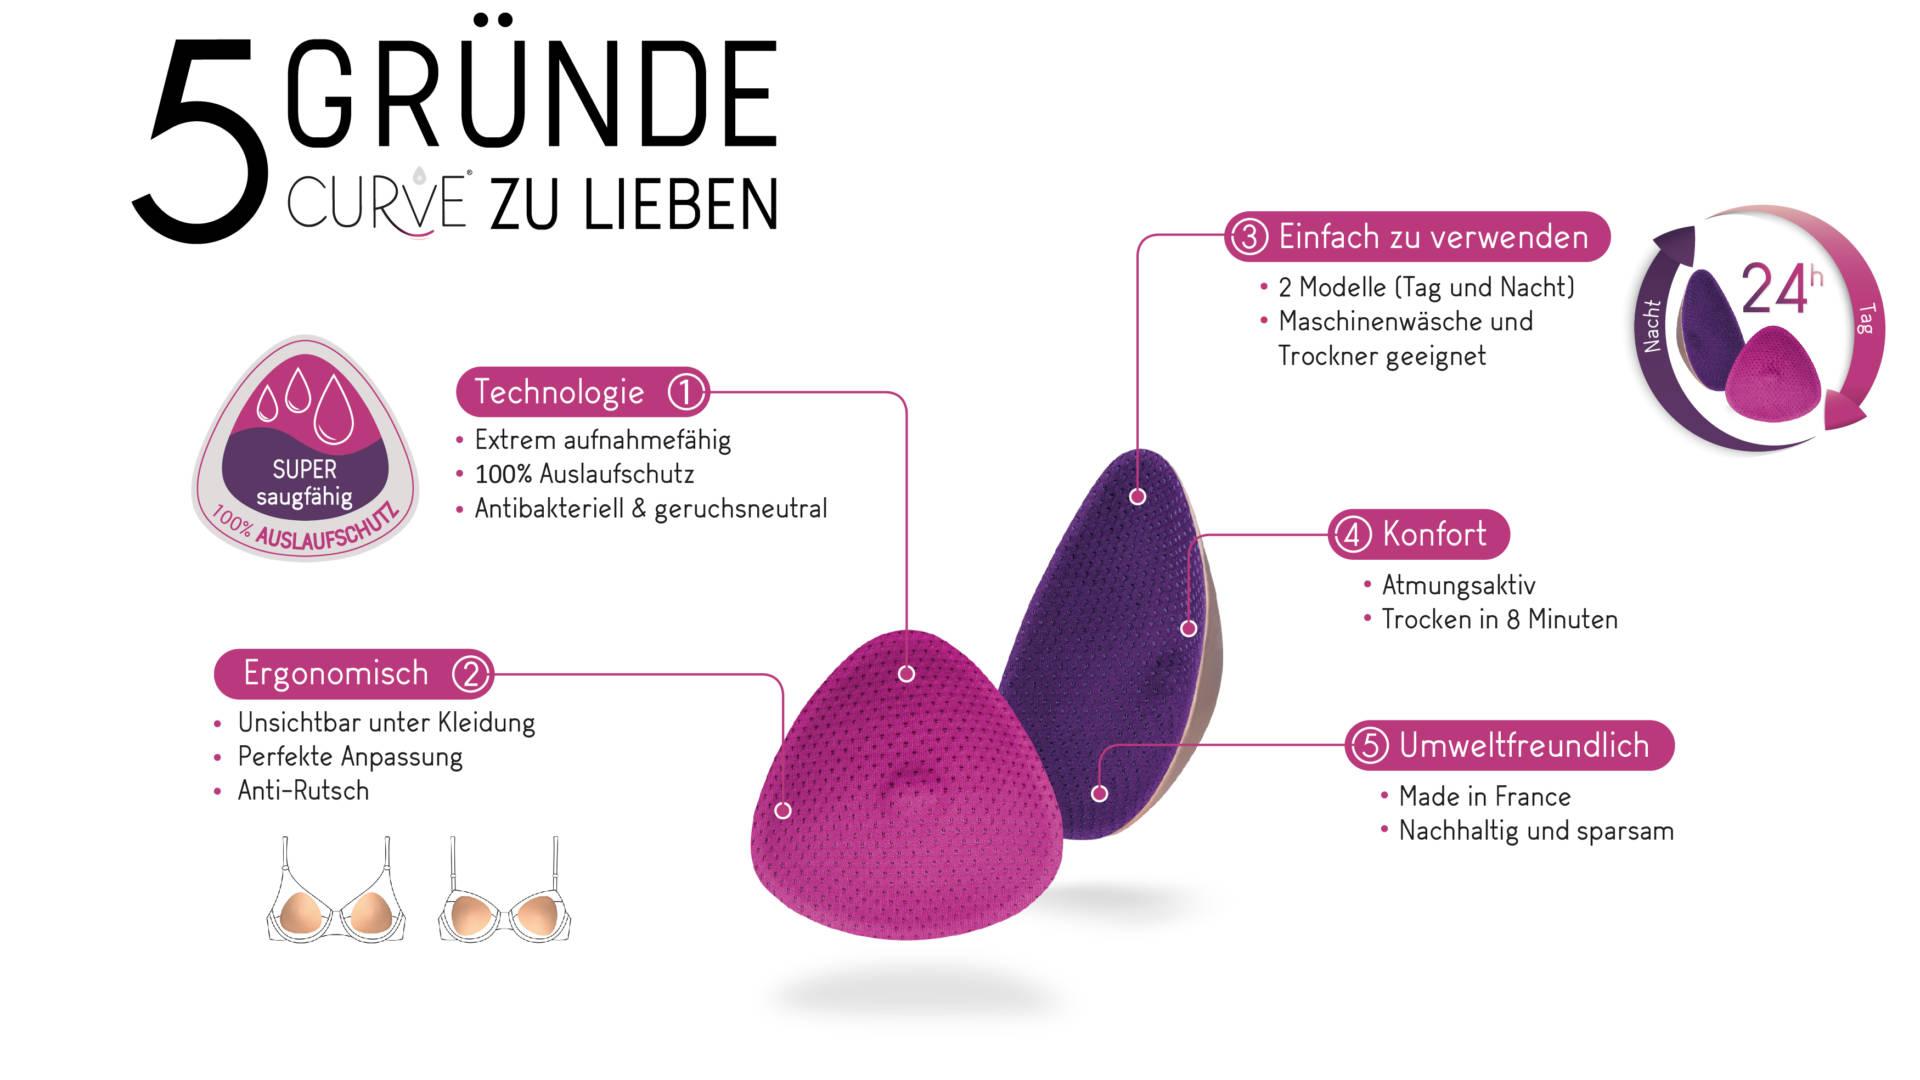 5-grunde-curve-zu-lieben